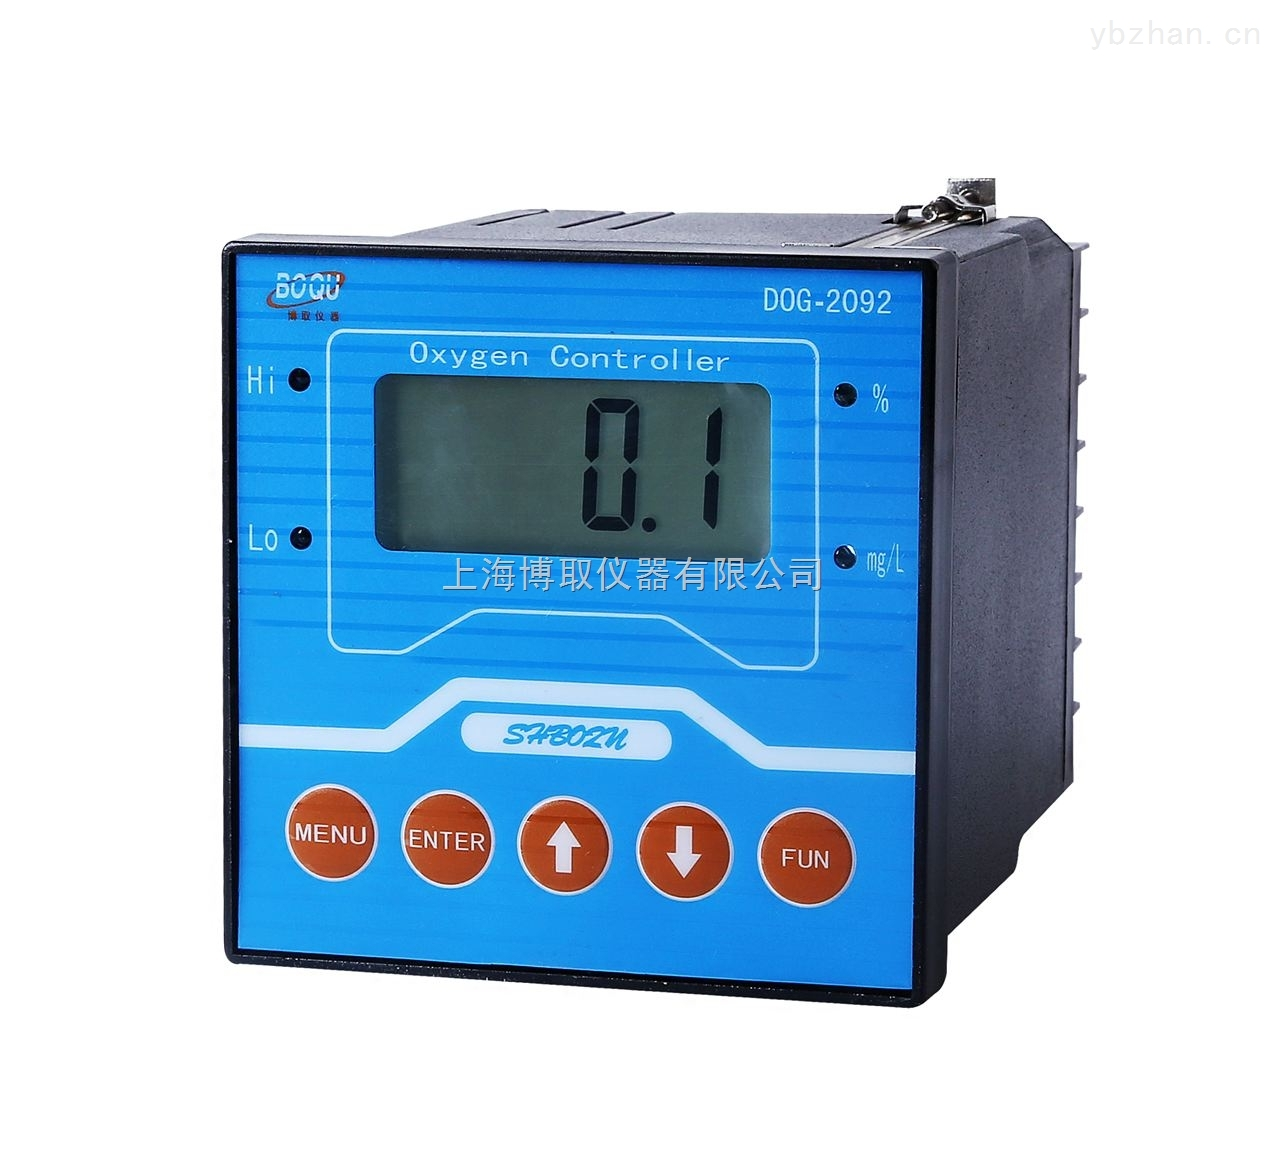 氧的饱和百分含量(%)测定仪|显示0-200%溶氧值